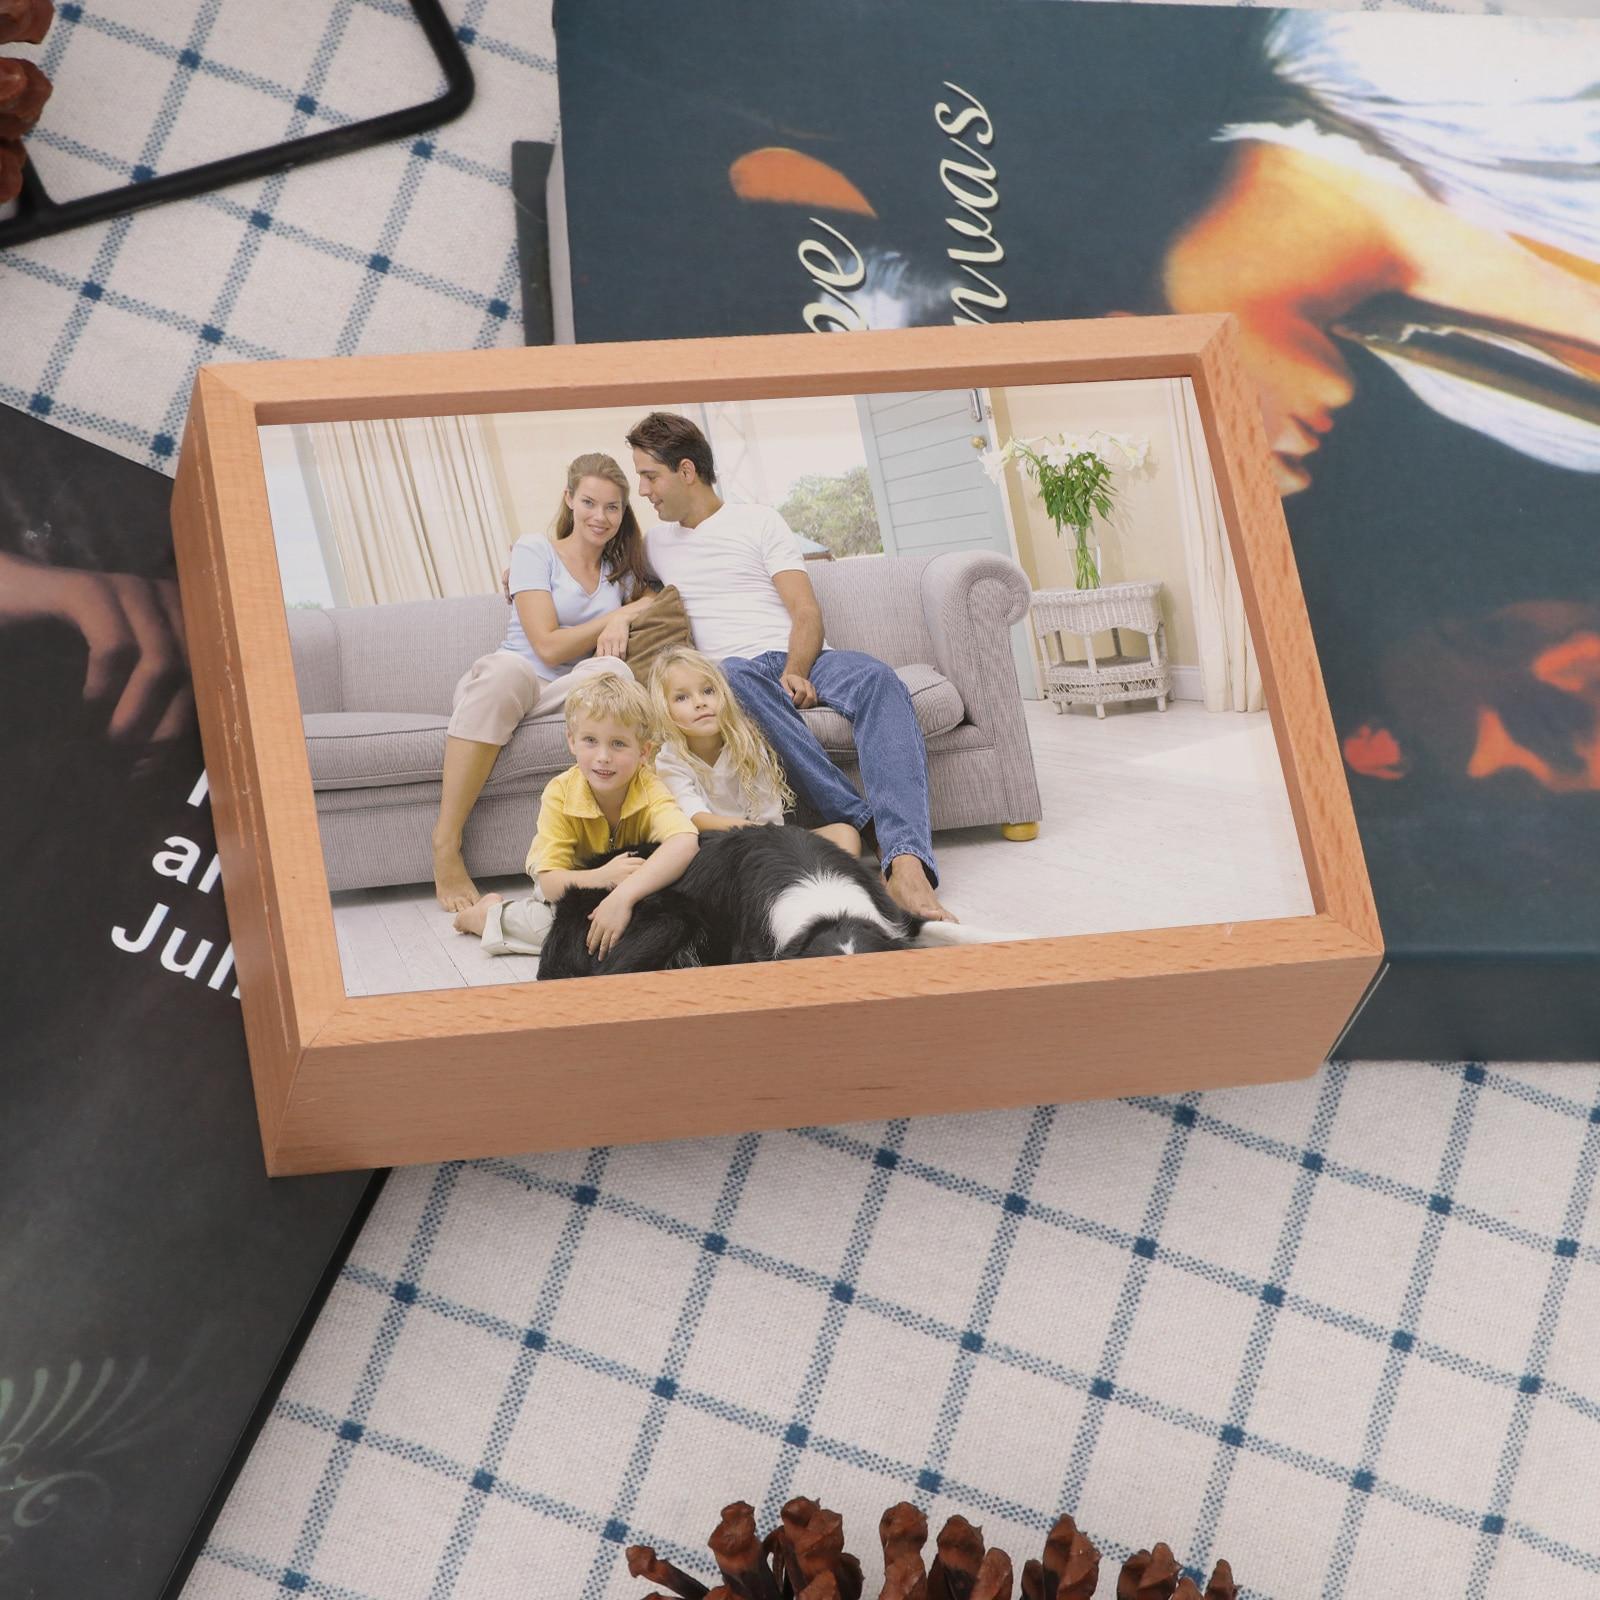 Фоторамка, копилка, копилка, монета для детей, рамка для картин, чехол для денег, новинка, деревянная копилка, подарок для детей, домашний дек...